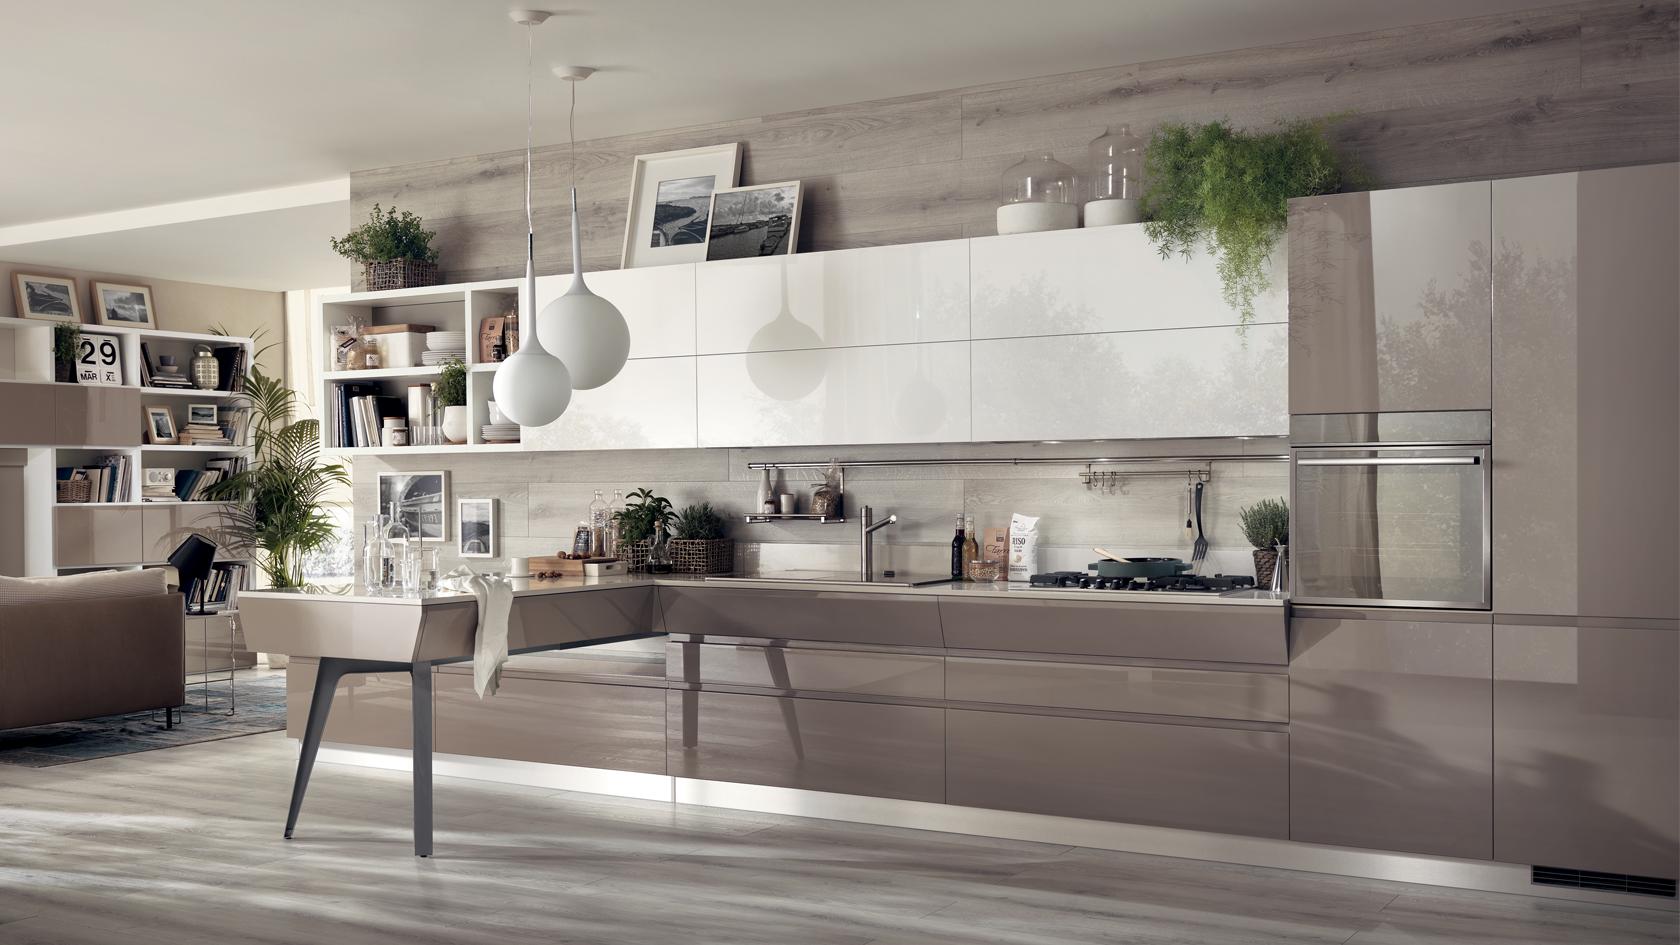 Motus - Immagini cucine moderne ...